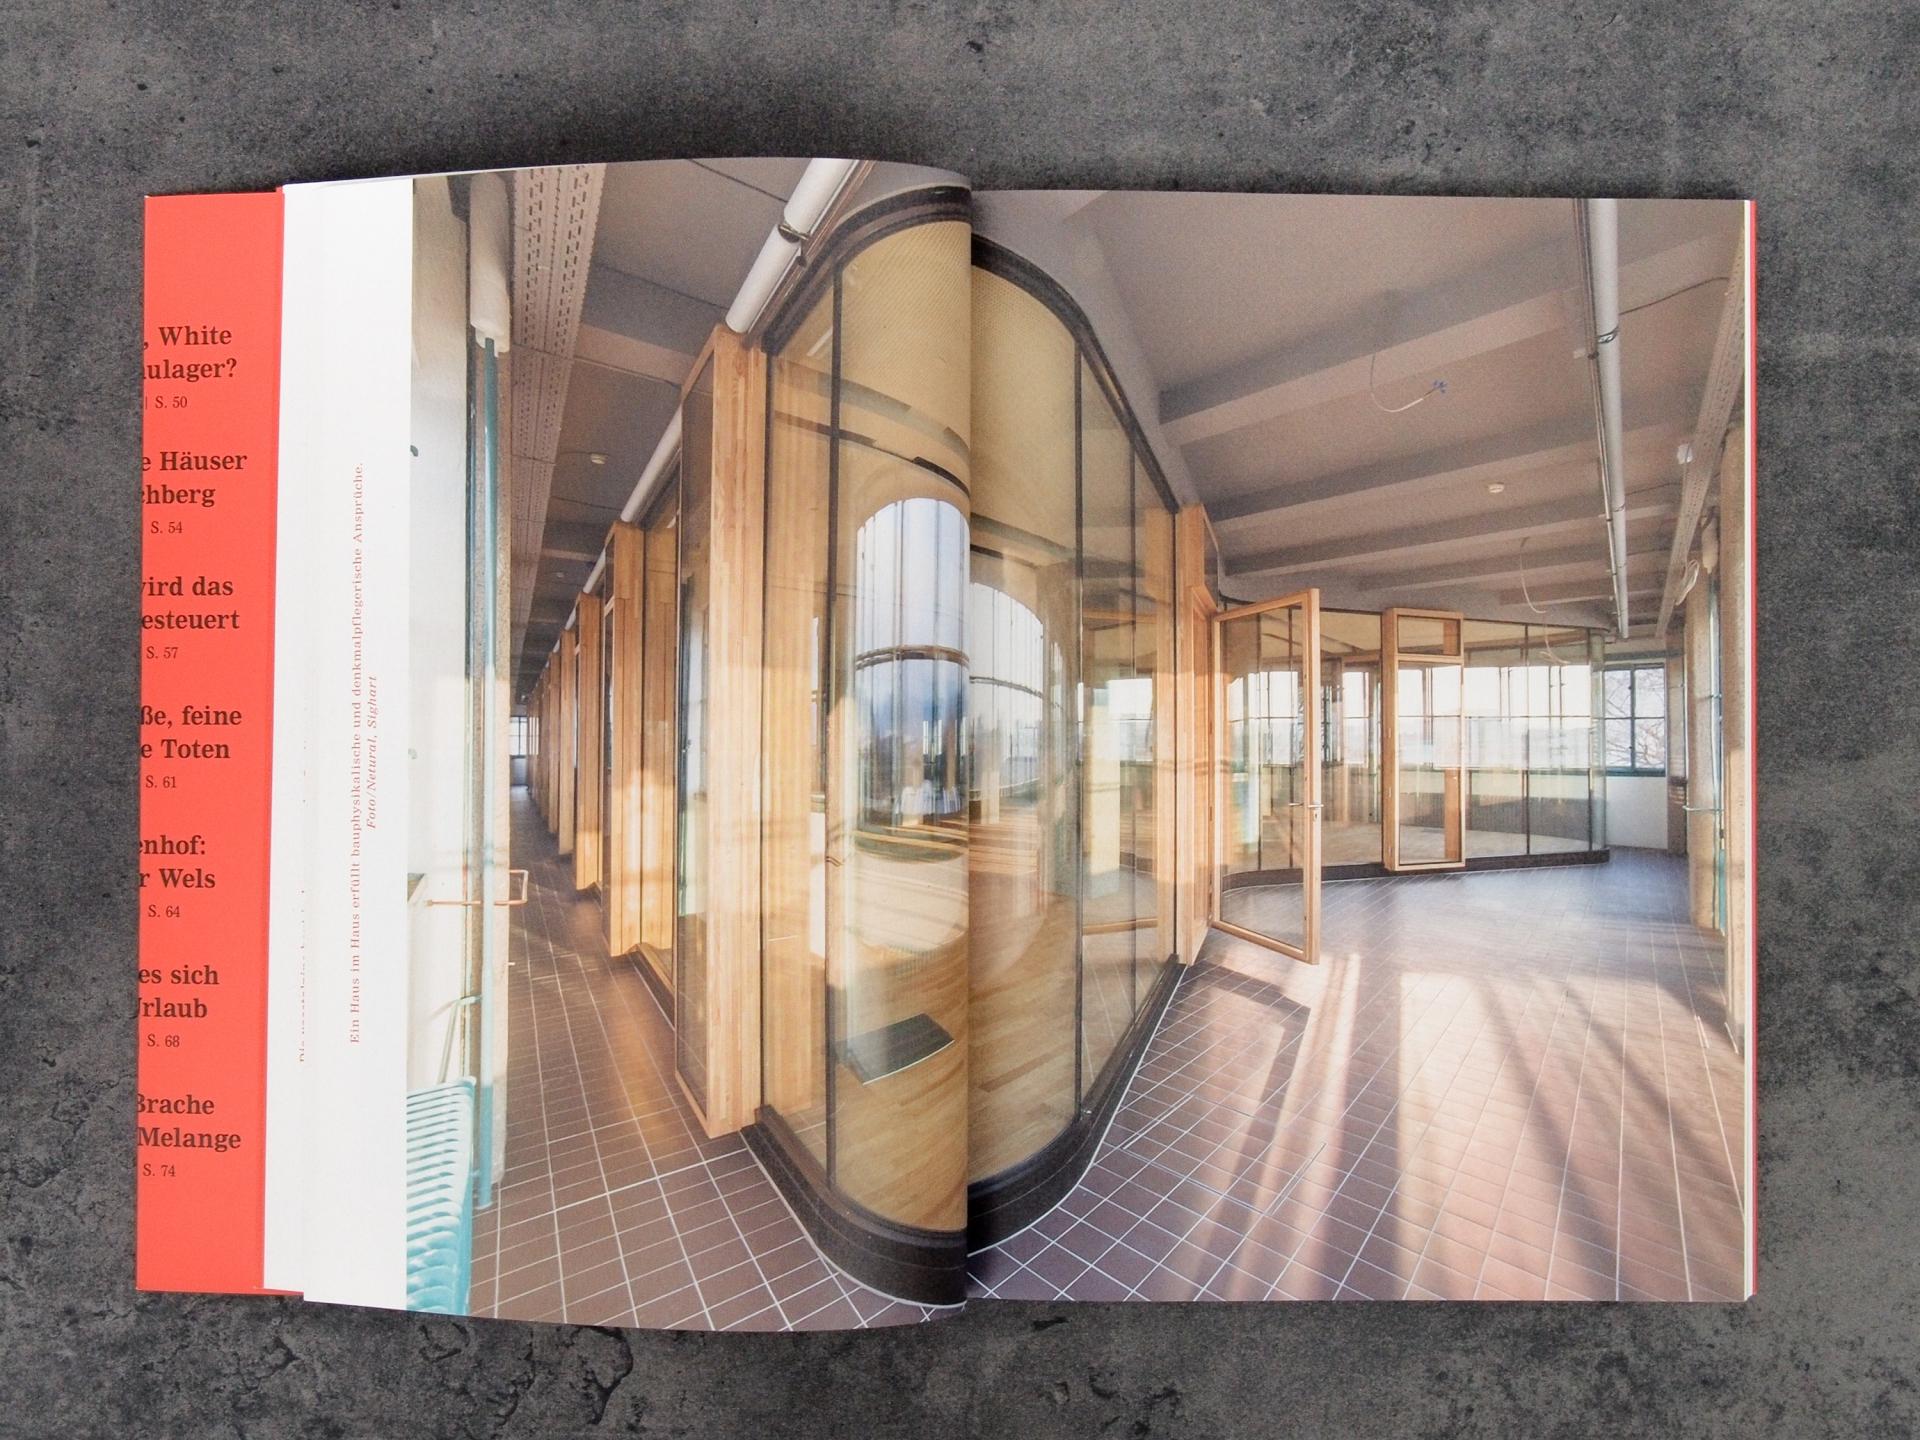 Grafikum Architekturkritik in den OÖN